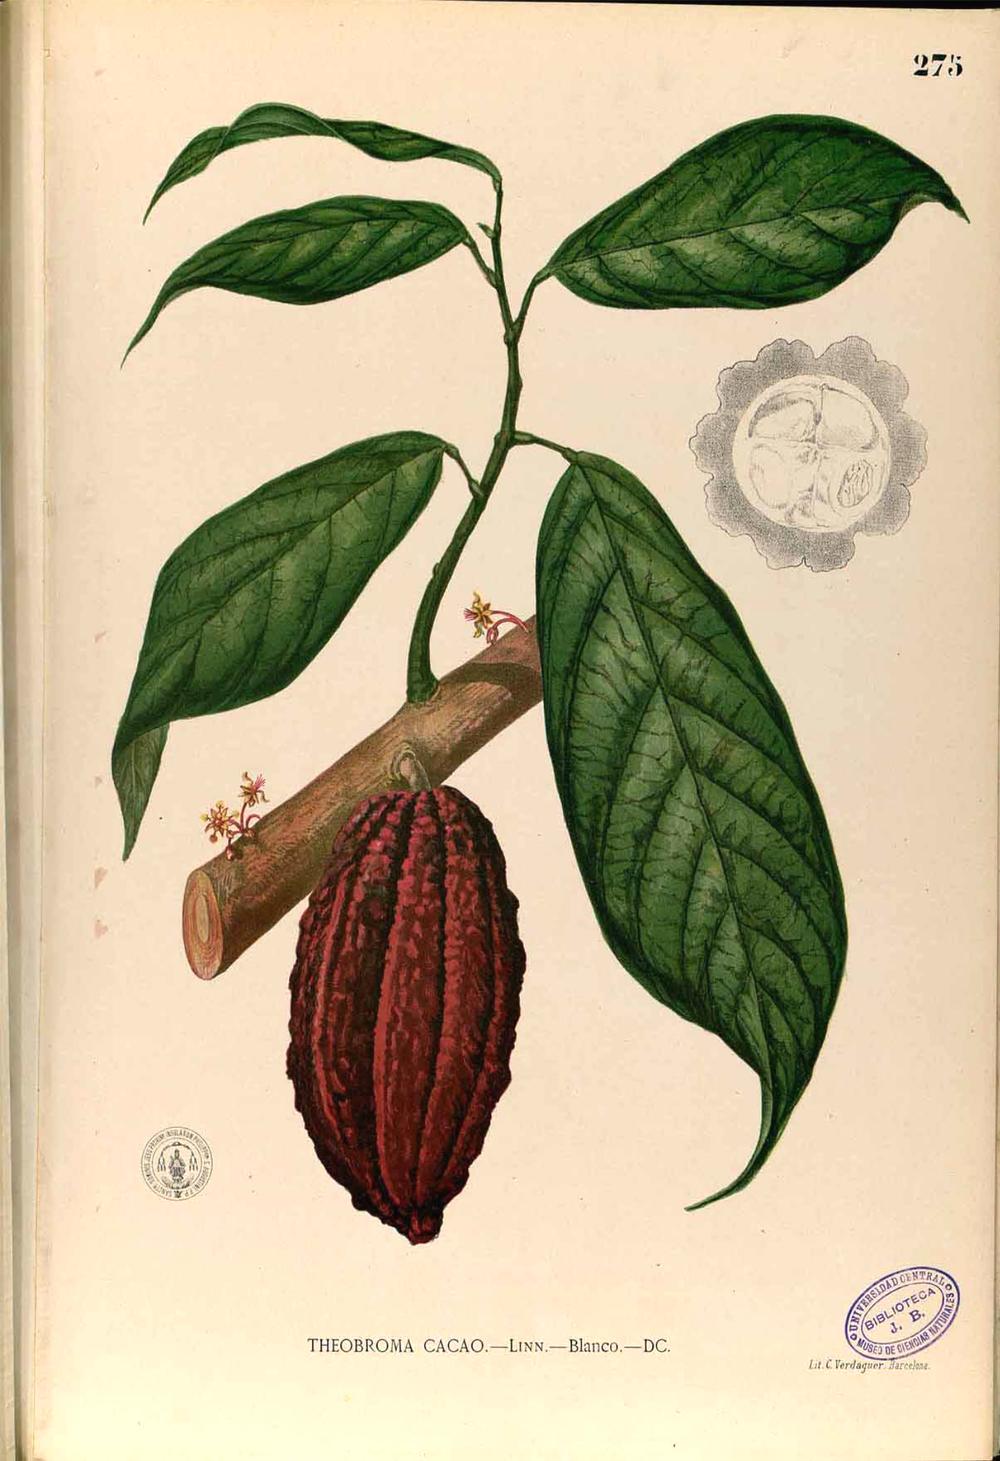 Cocoa Plant Illustration